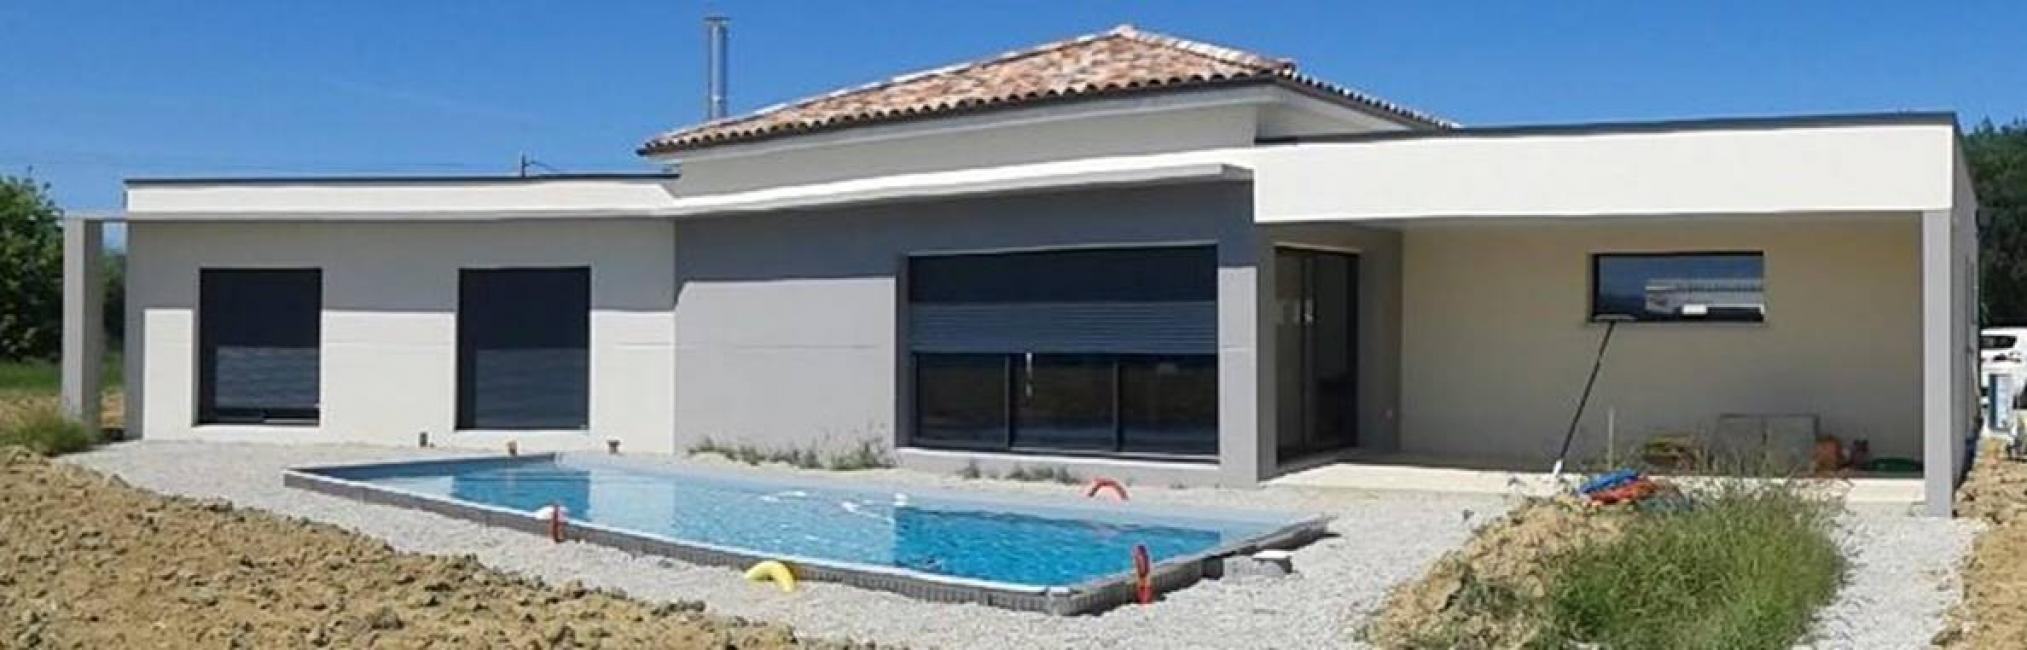 Constructeur maison individuelle toulouse for Constructeur de maison individuelle toulouse